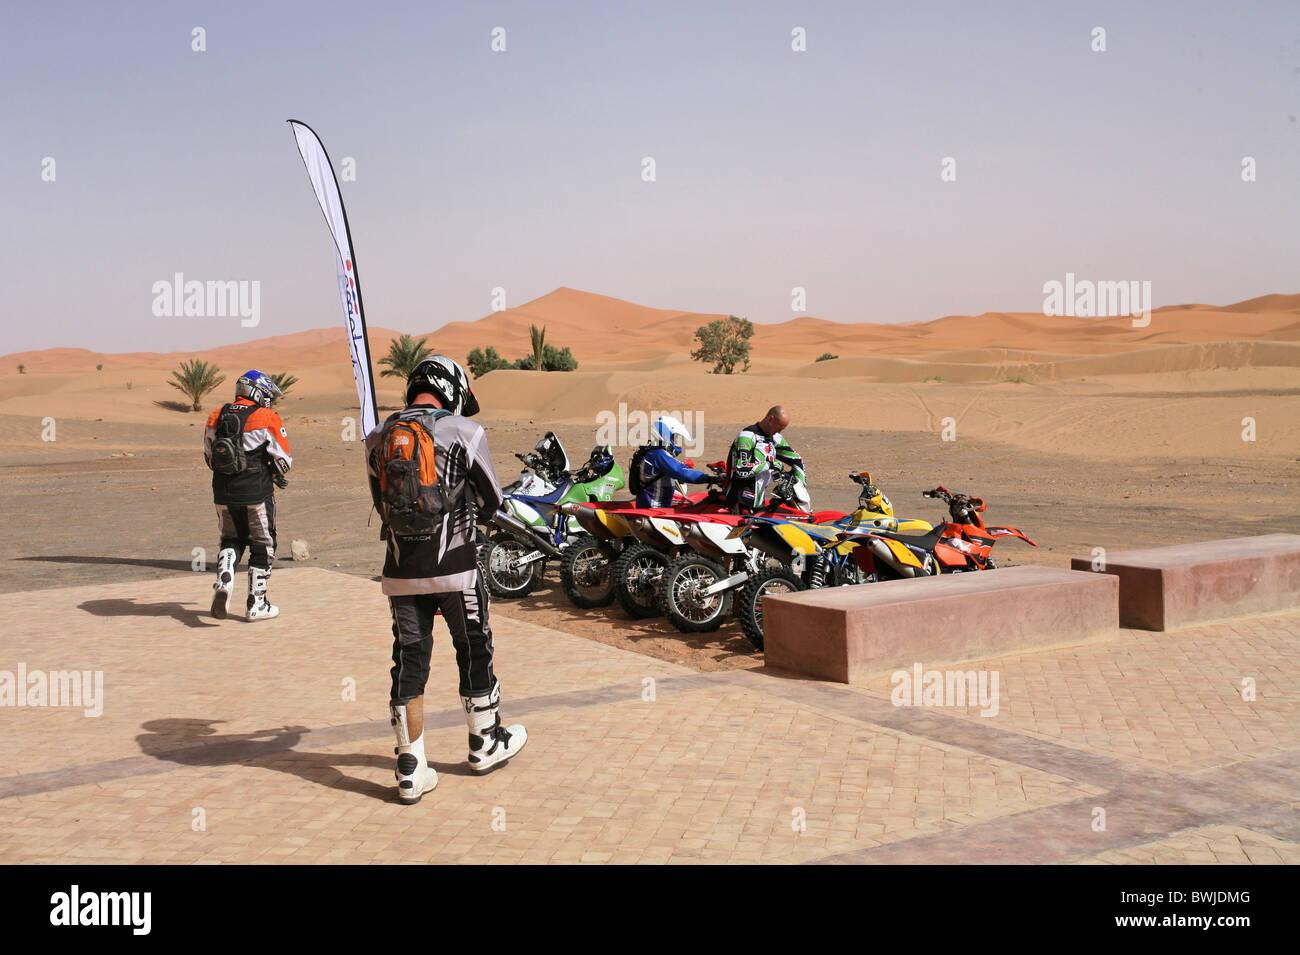 Motorsport-Moto cross Enduro Abenteuer Motrrad Motorräder Motorräder Wüste Sahara Merzouga Marokko Stockbild